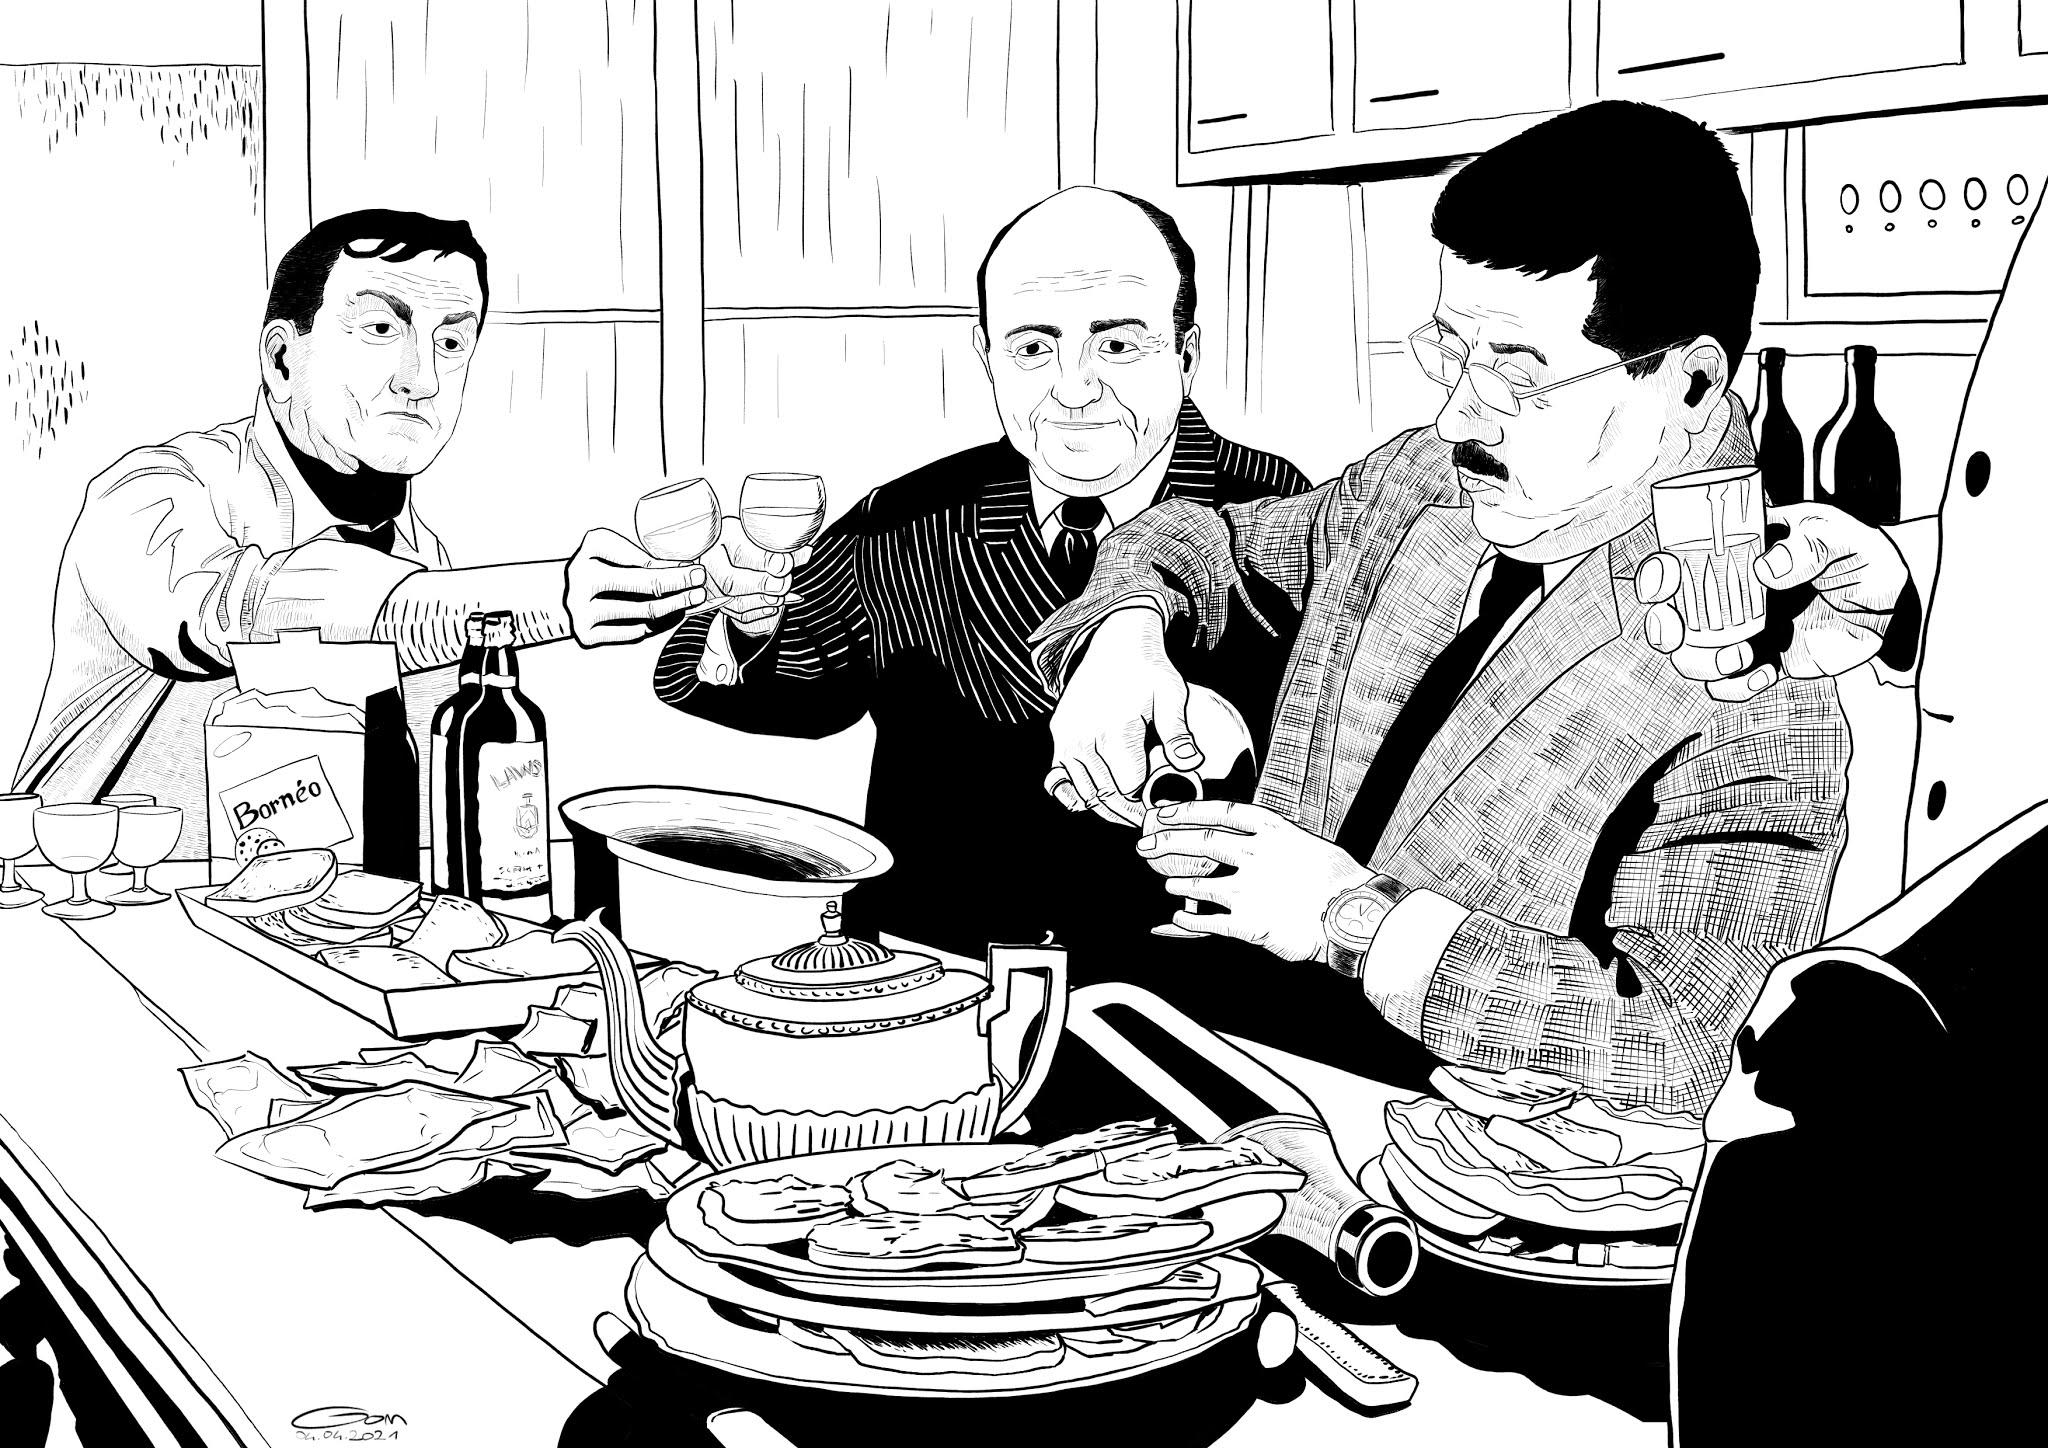 Scène de la cuisine du film Les Tontons flingueurs avec Lino Ventura, Bernard Blier, Francis Blanche